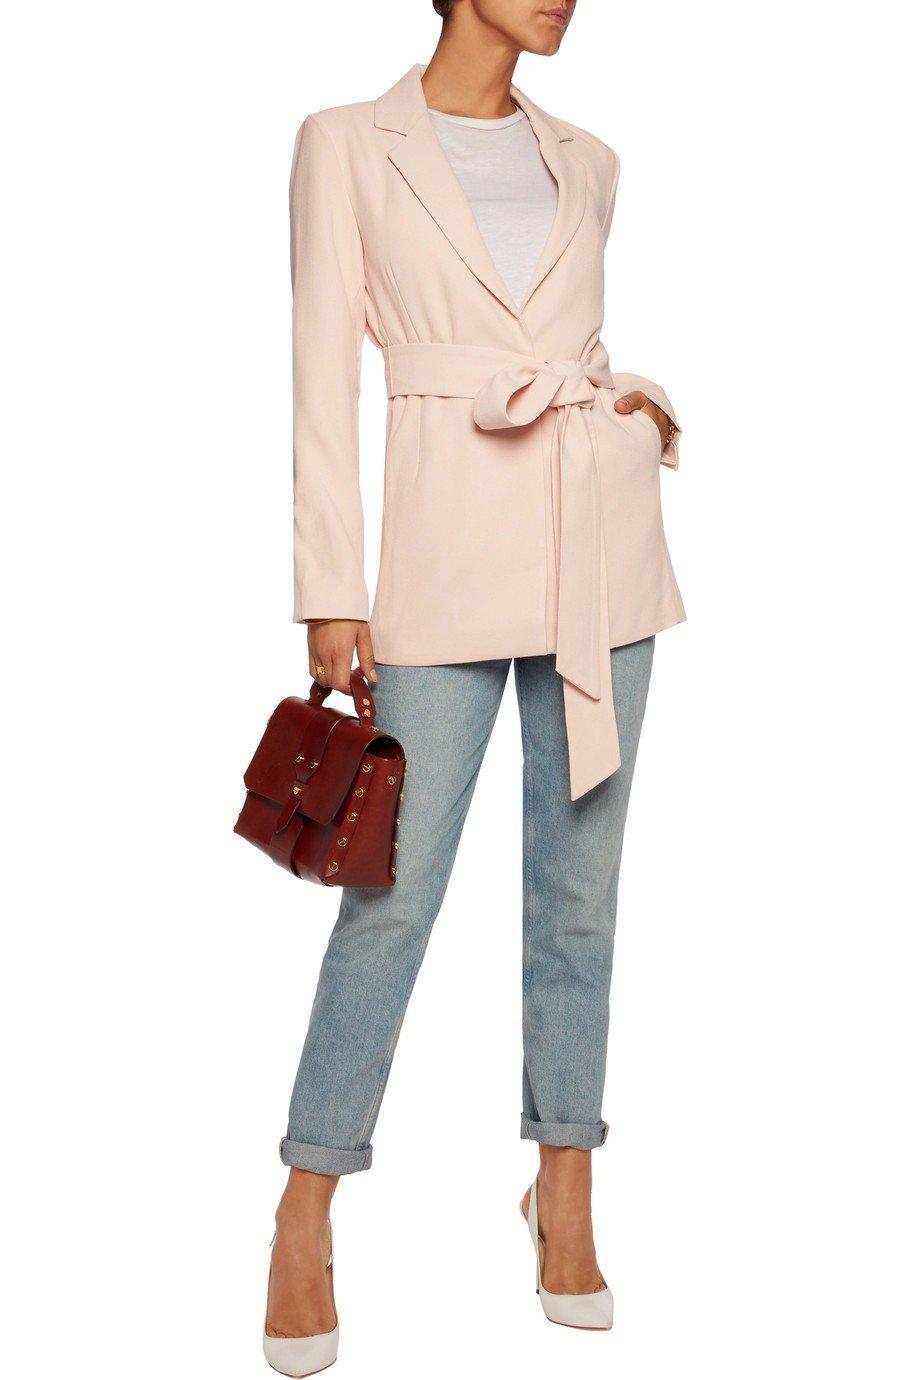 светло-розовый пиджак под пояс женский 2018